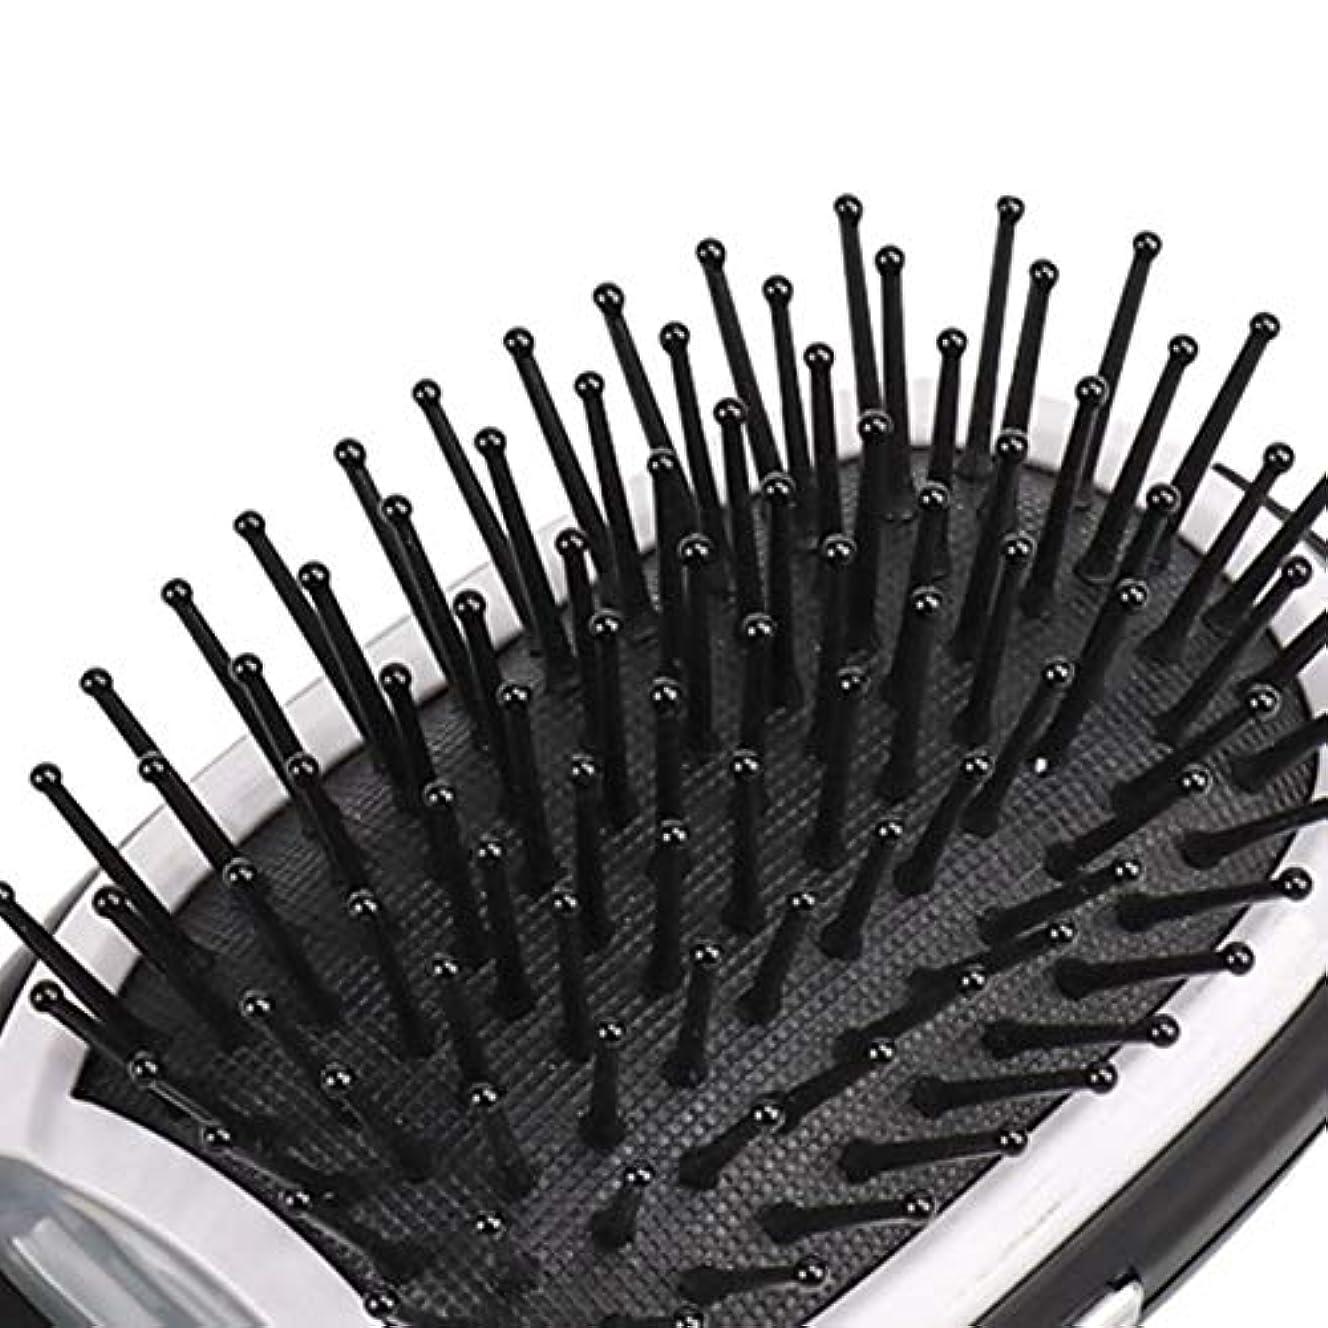 一貫したシーフード視線電気イオンヘアブラシマイナスイオンポータブル電気イオンヘアブラシヘアコームブラシヘアモデリングヘアブラシ